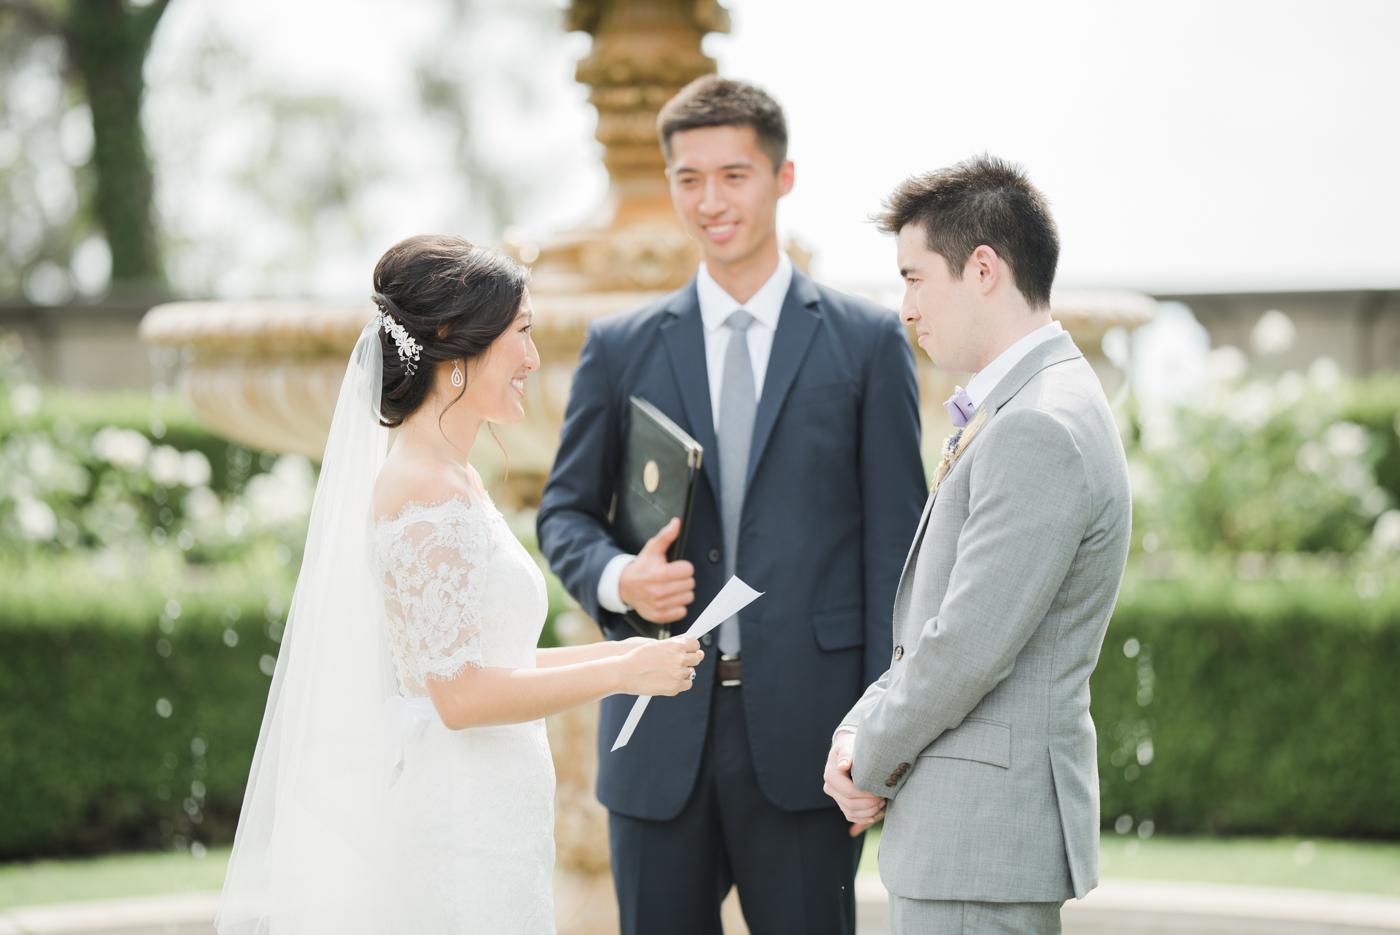 Greystone_Mansion_Wedding_Fine_Art_Film_Wedding_Photography_AKP-27.jpg